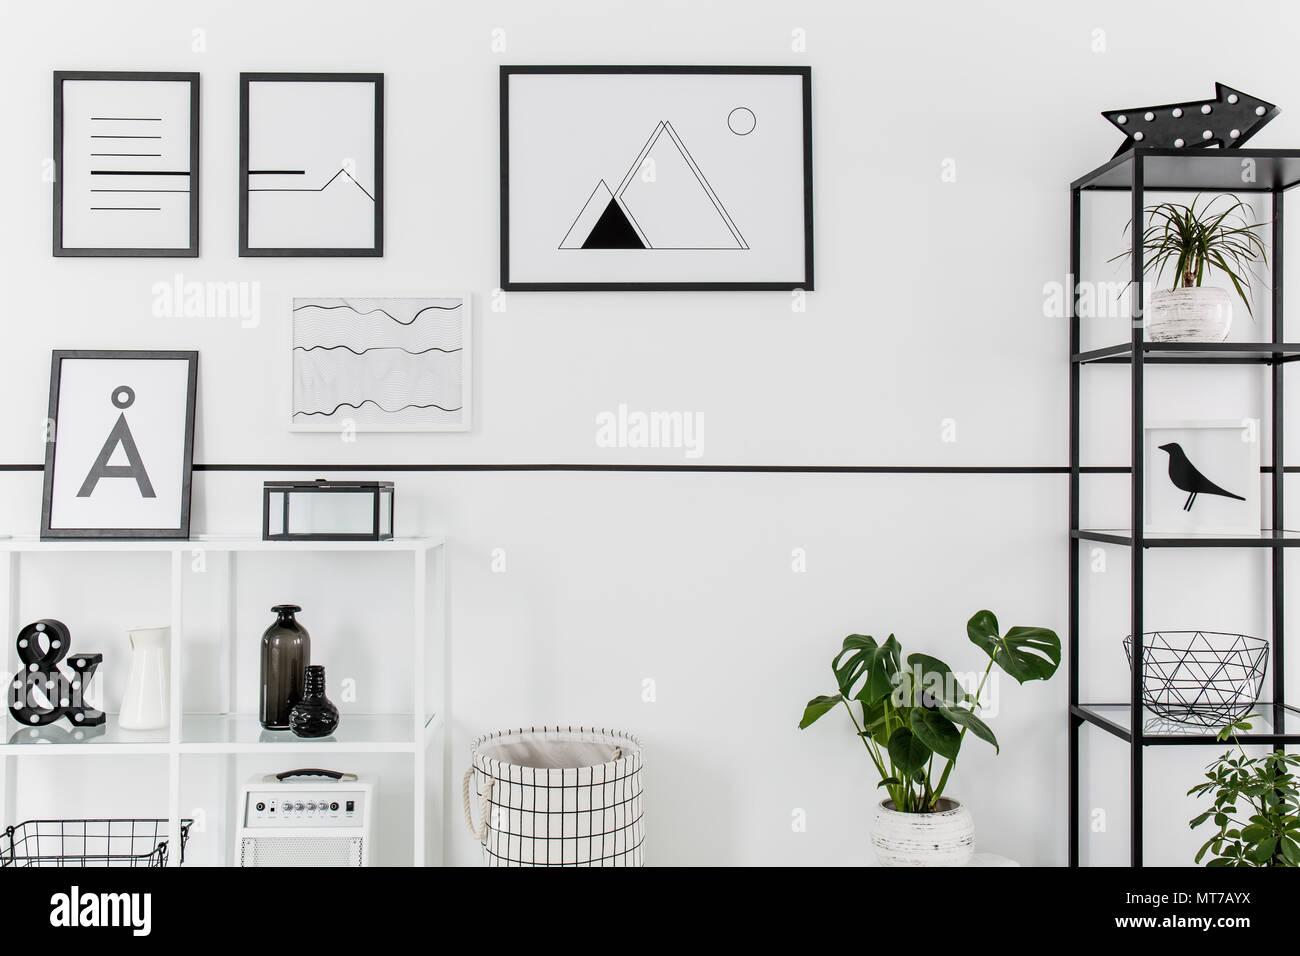 Einfache Schwarz Weiss Poster Aufhängen An Weiße Wand Im Nordischen